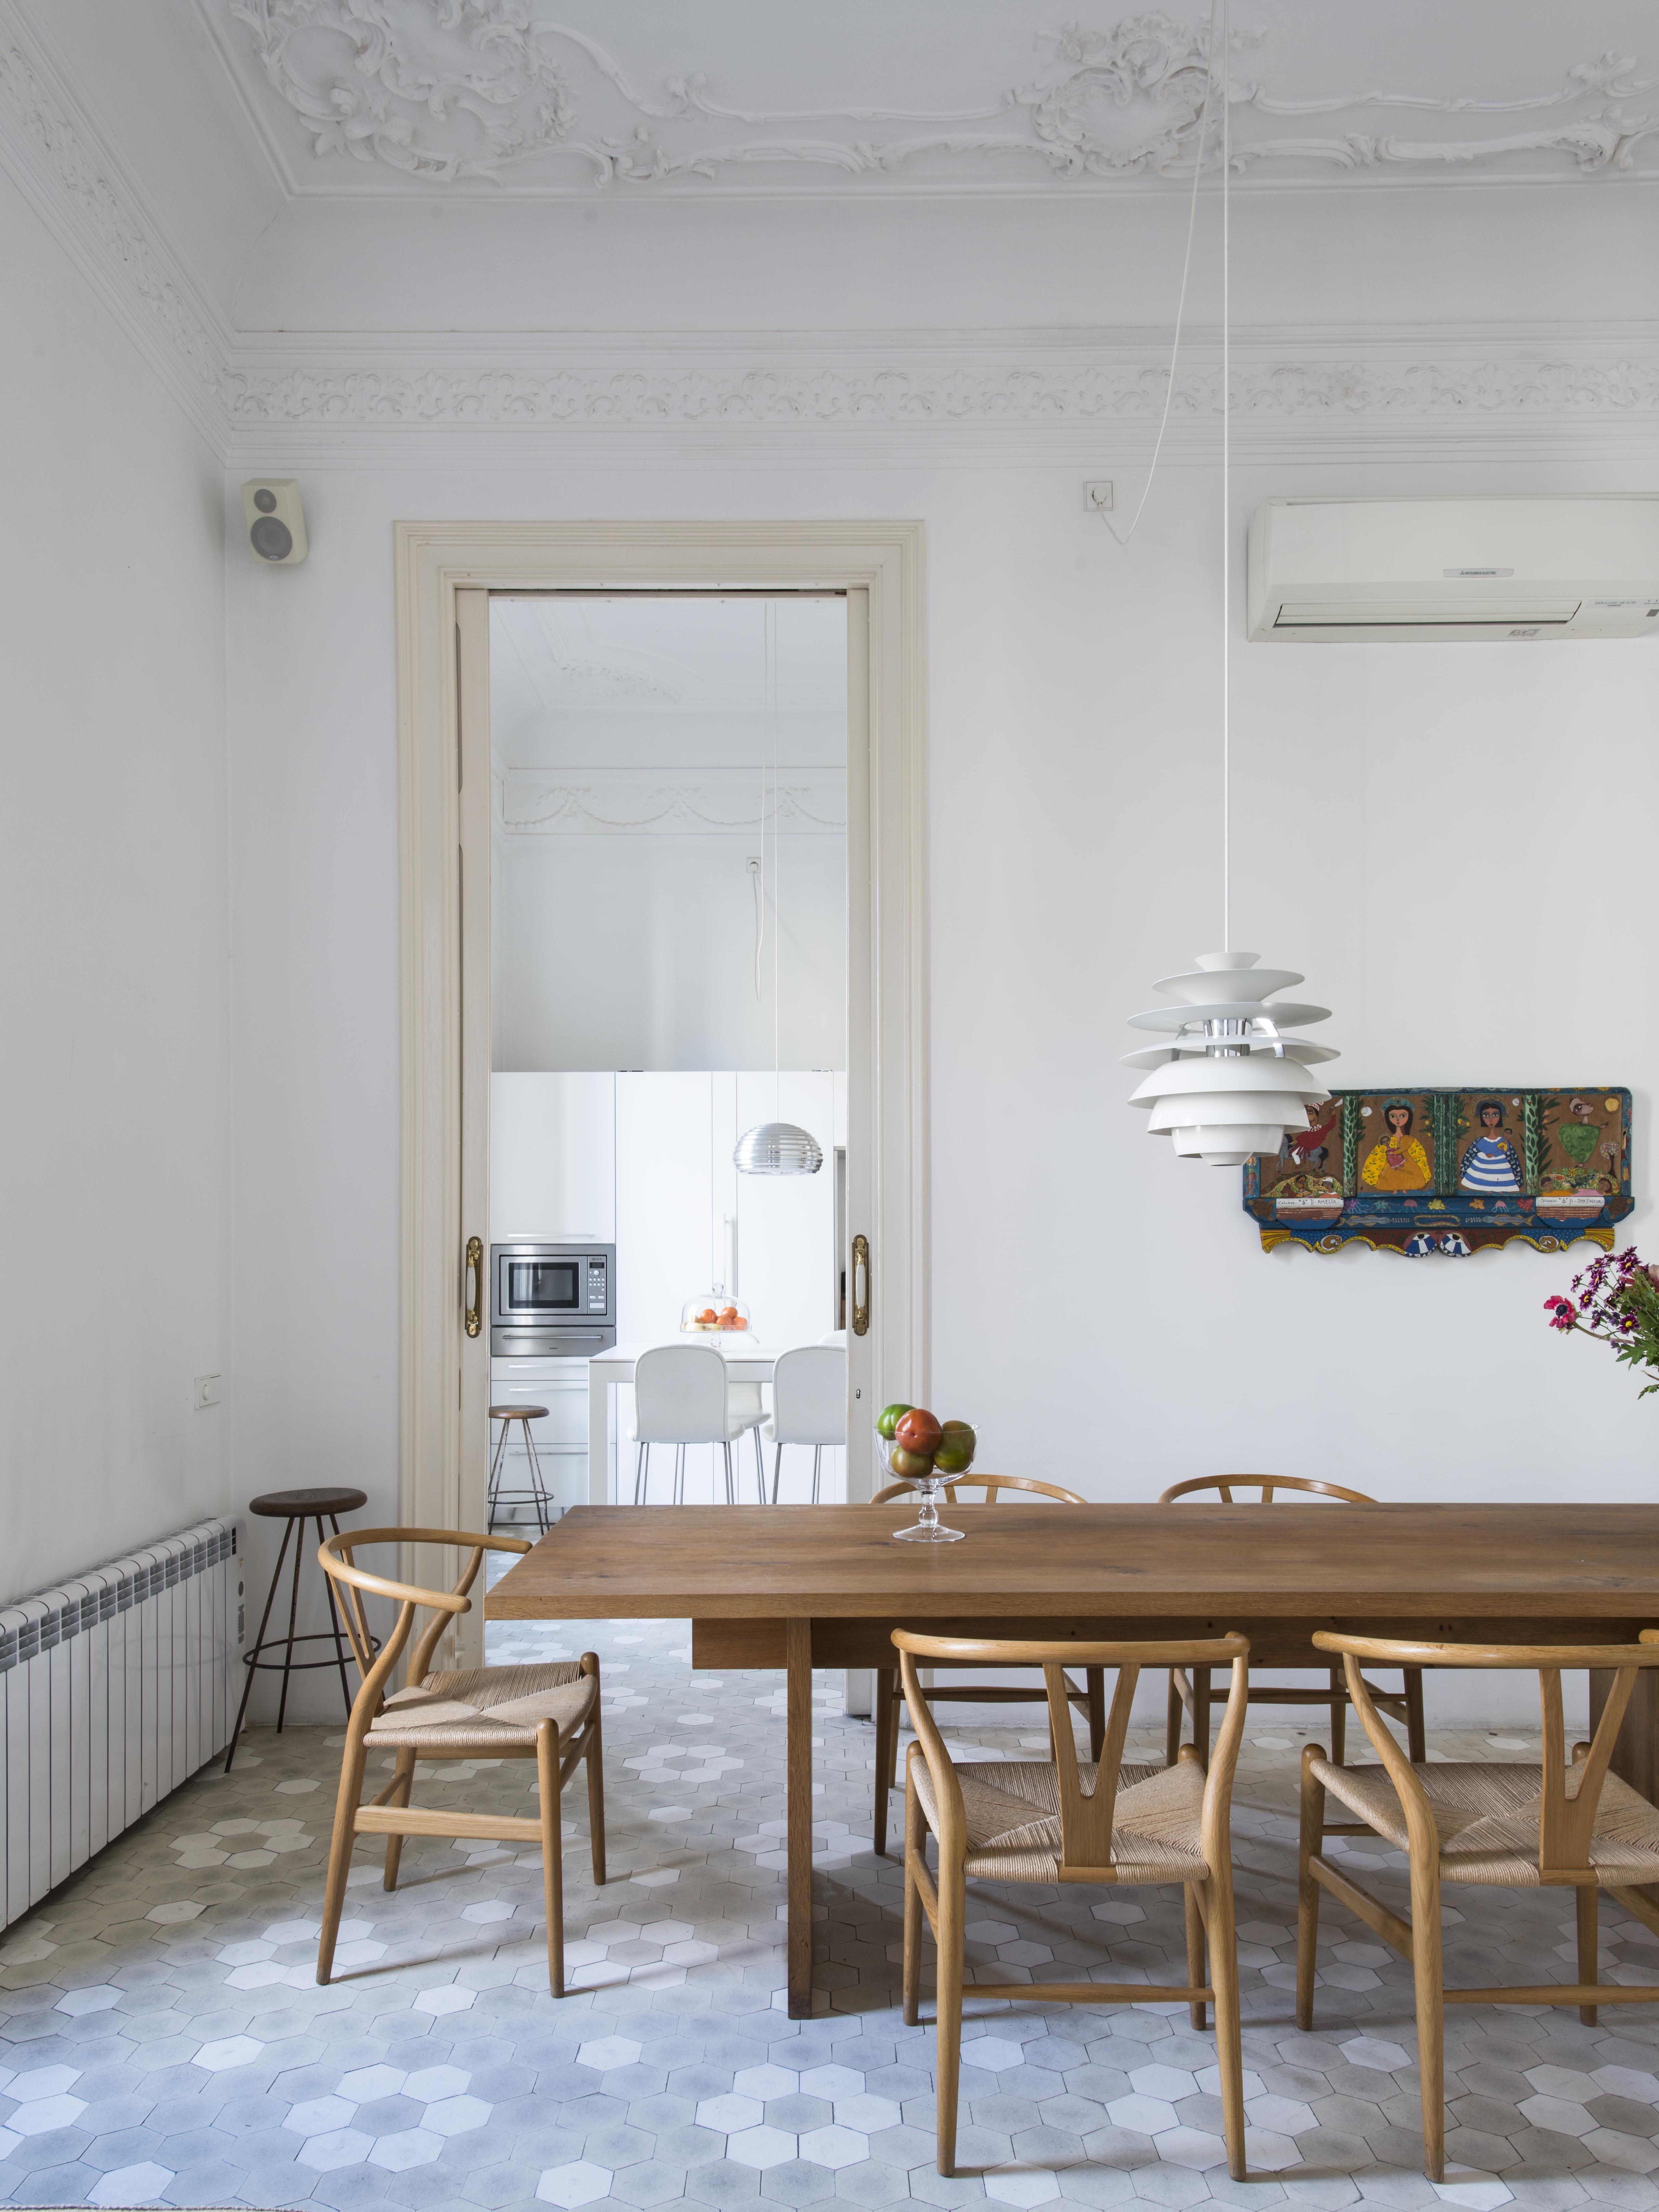 Arredi classici e moderni in una casa in stile gaud for Arredi classici